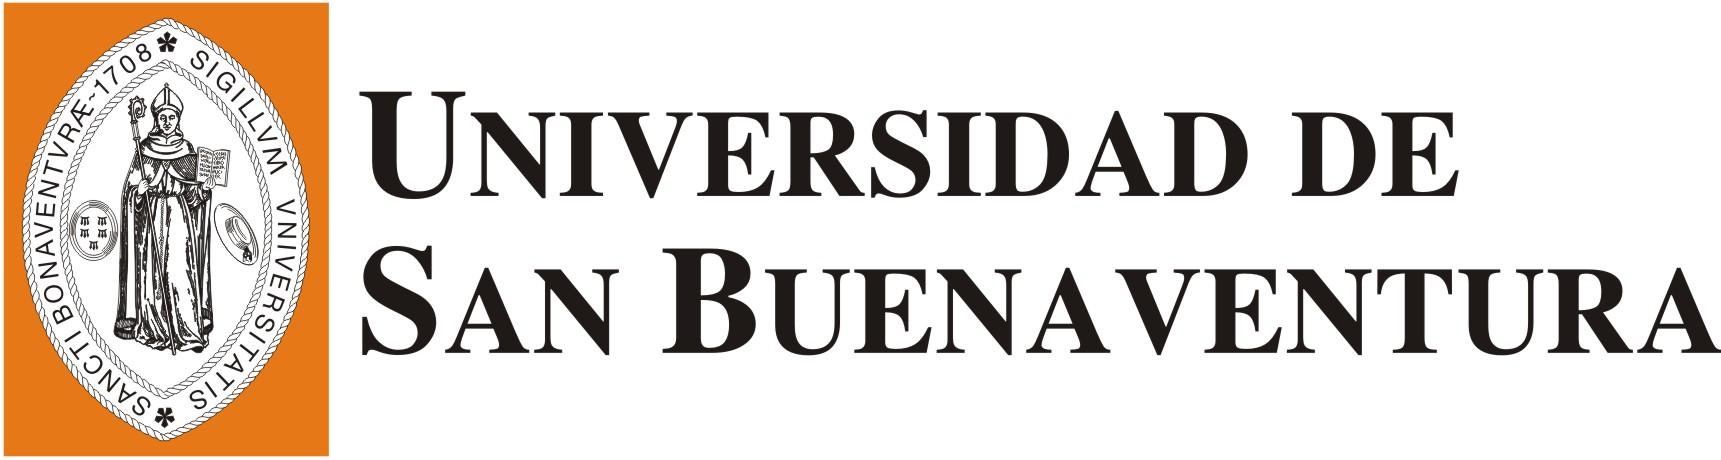 Universidad de San Buenaventura